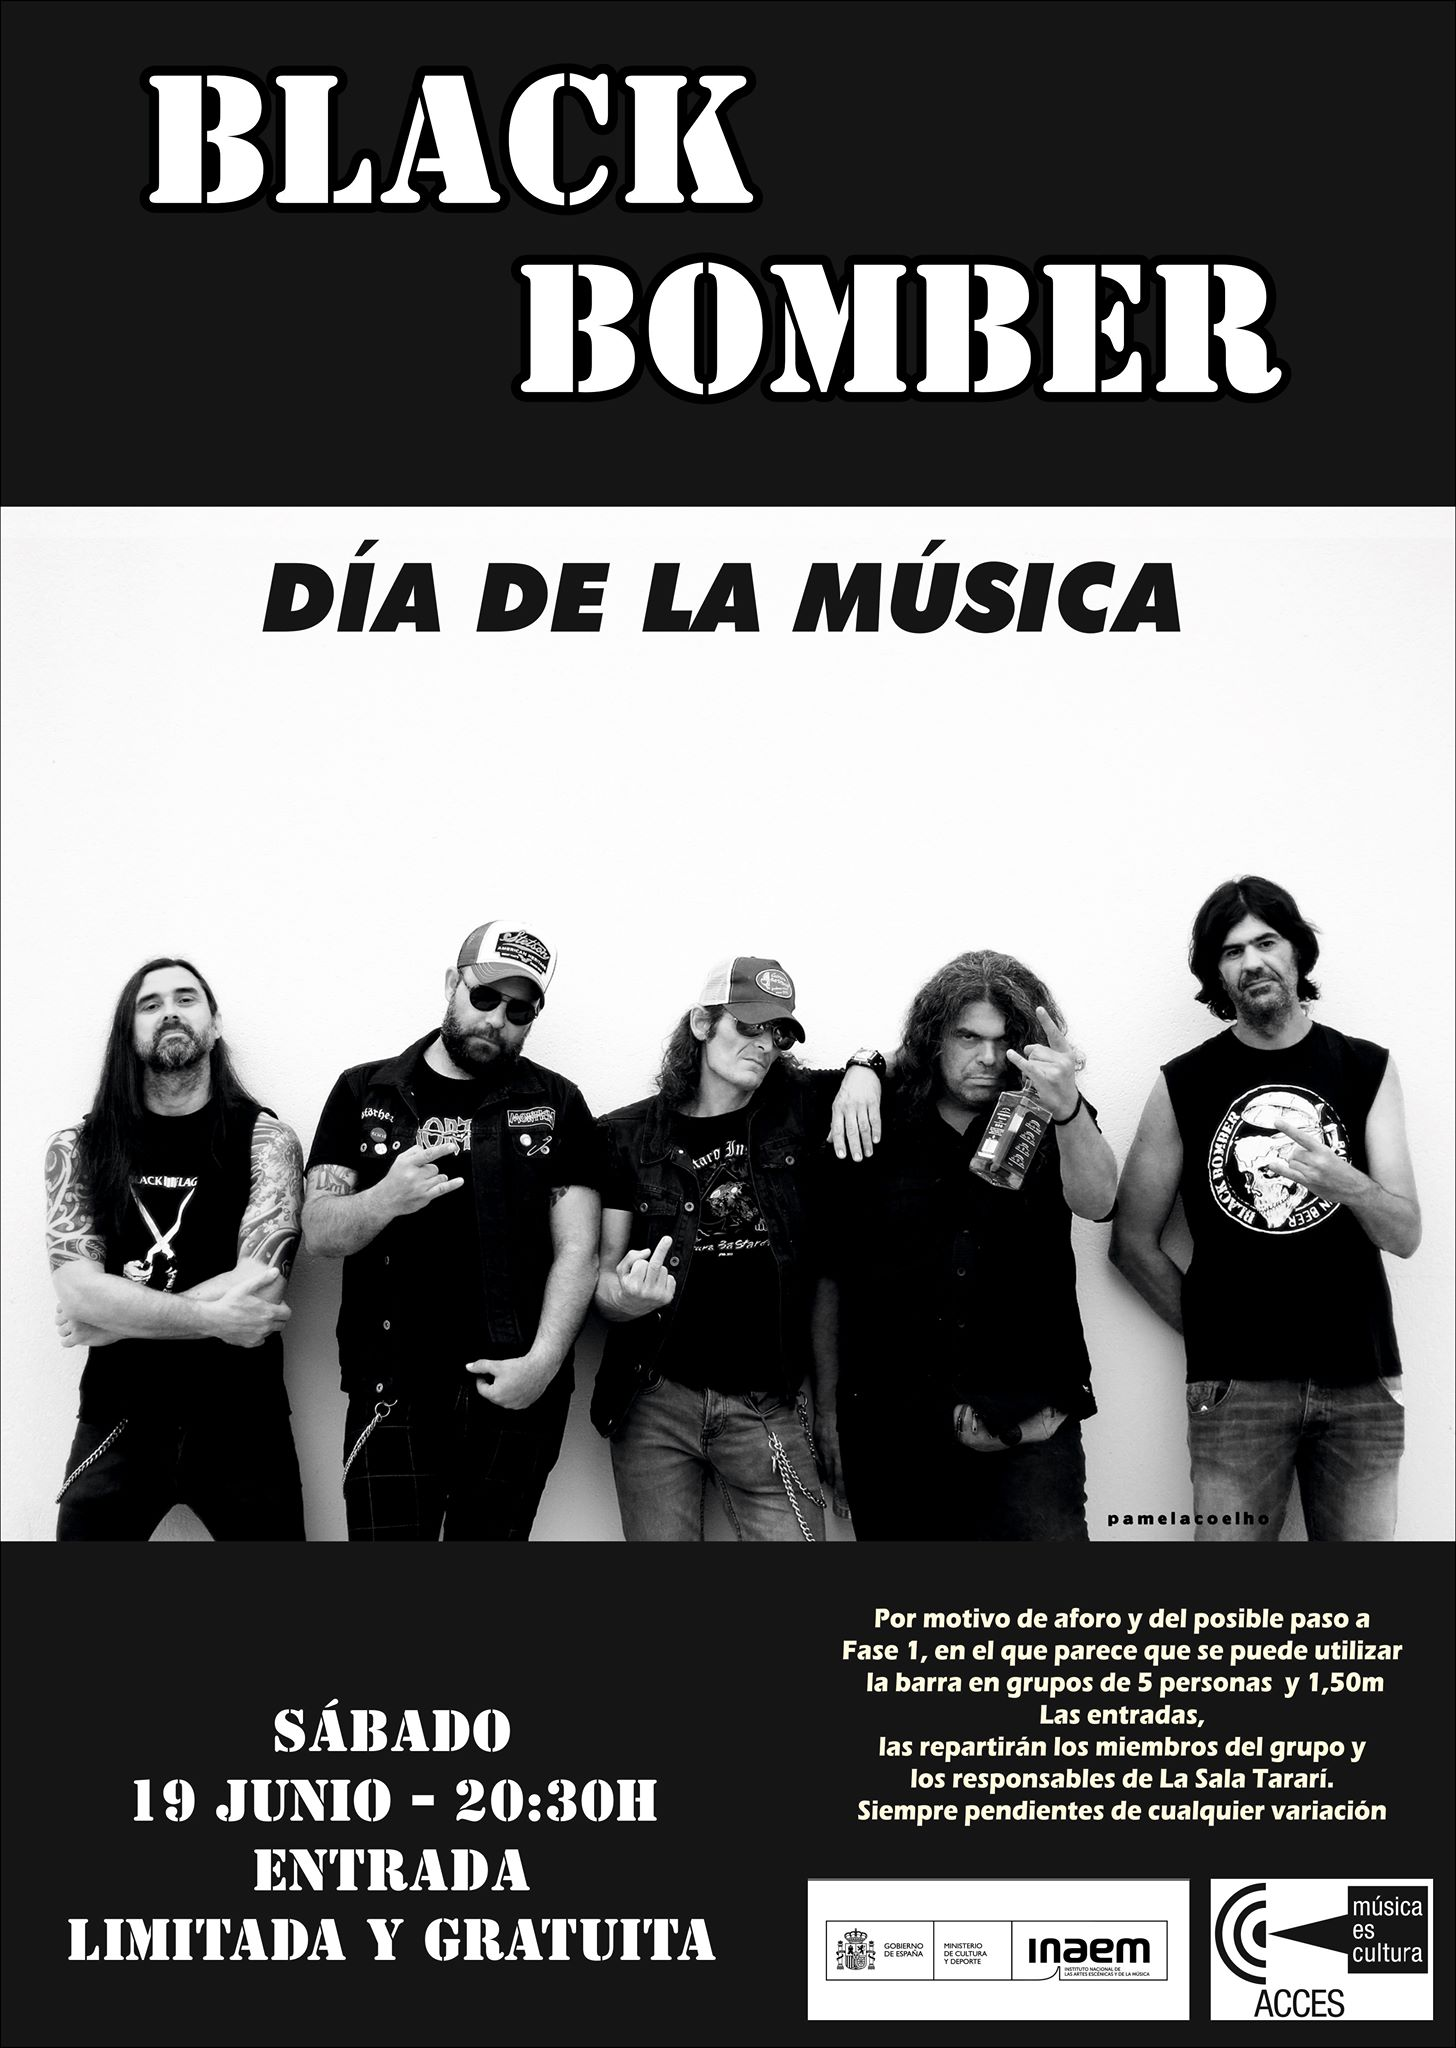 La Sala Tararí inicia el paso hacia su nueva normalidad con un concierto de Black Bomber 3